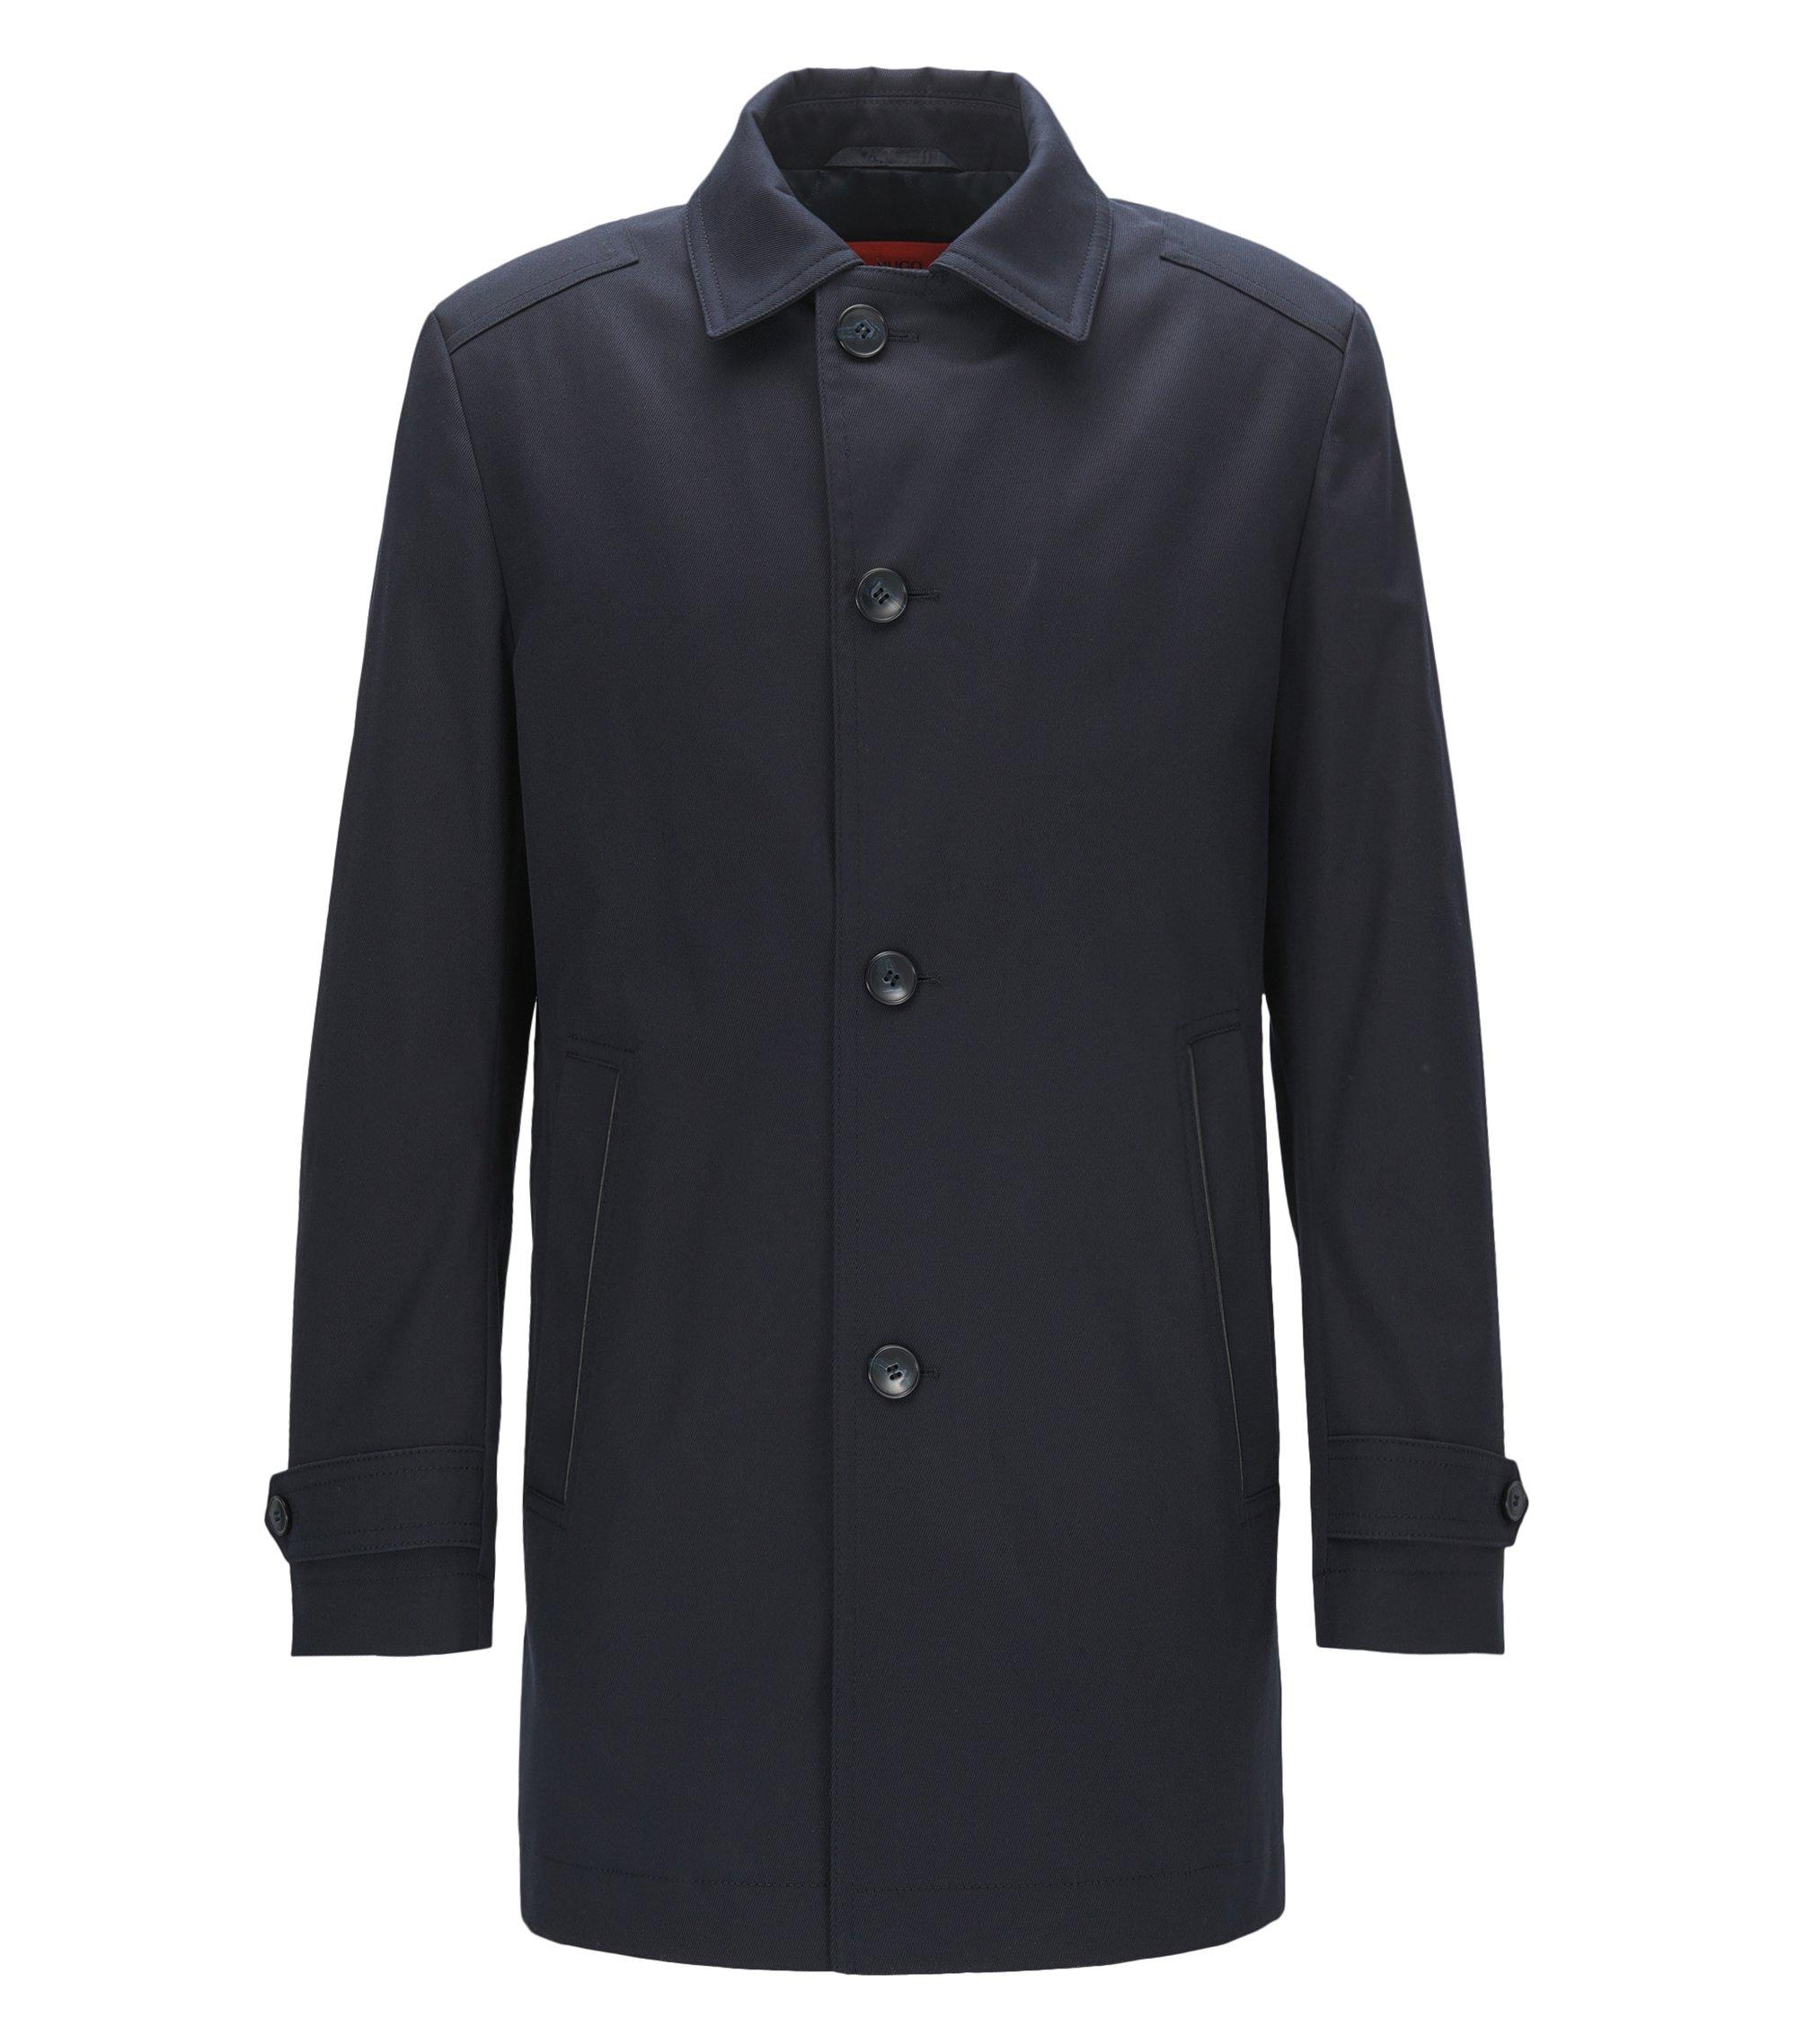 Manteau Regular Fit en coton stretch imperméable, Bleu foncé